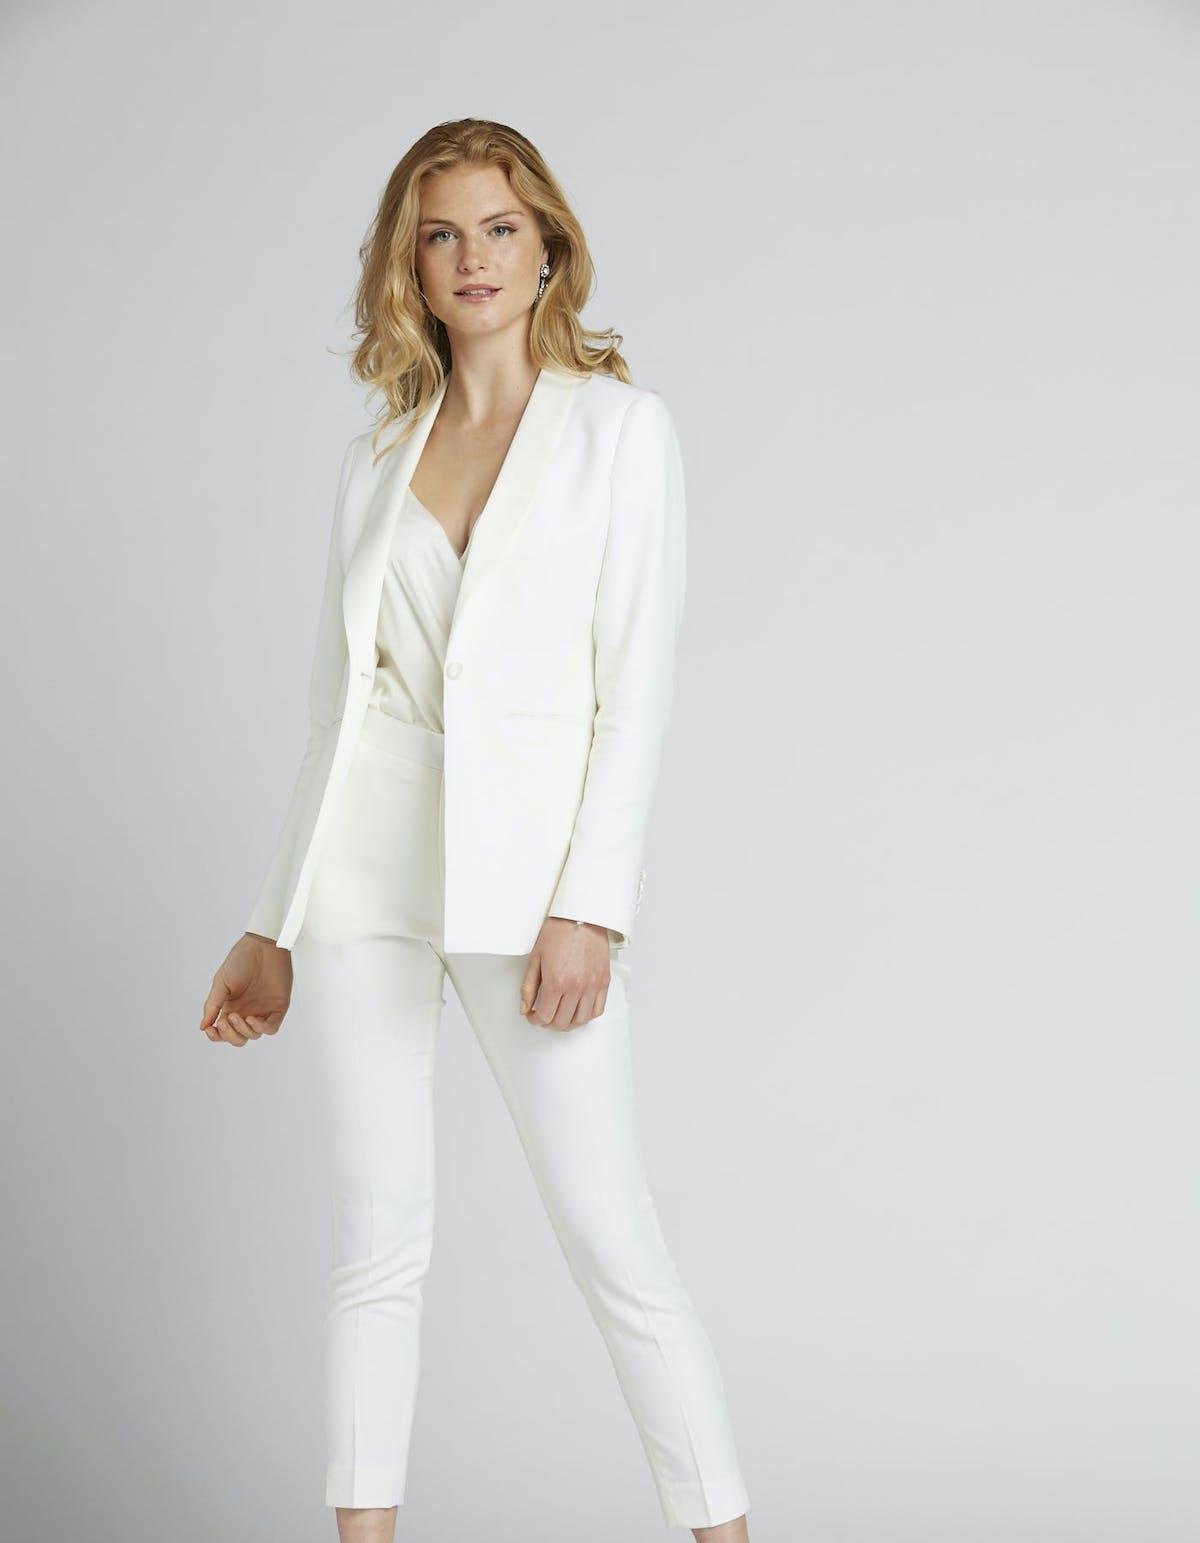 white tuxedo for women